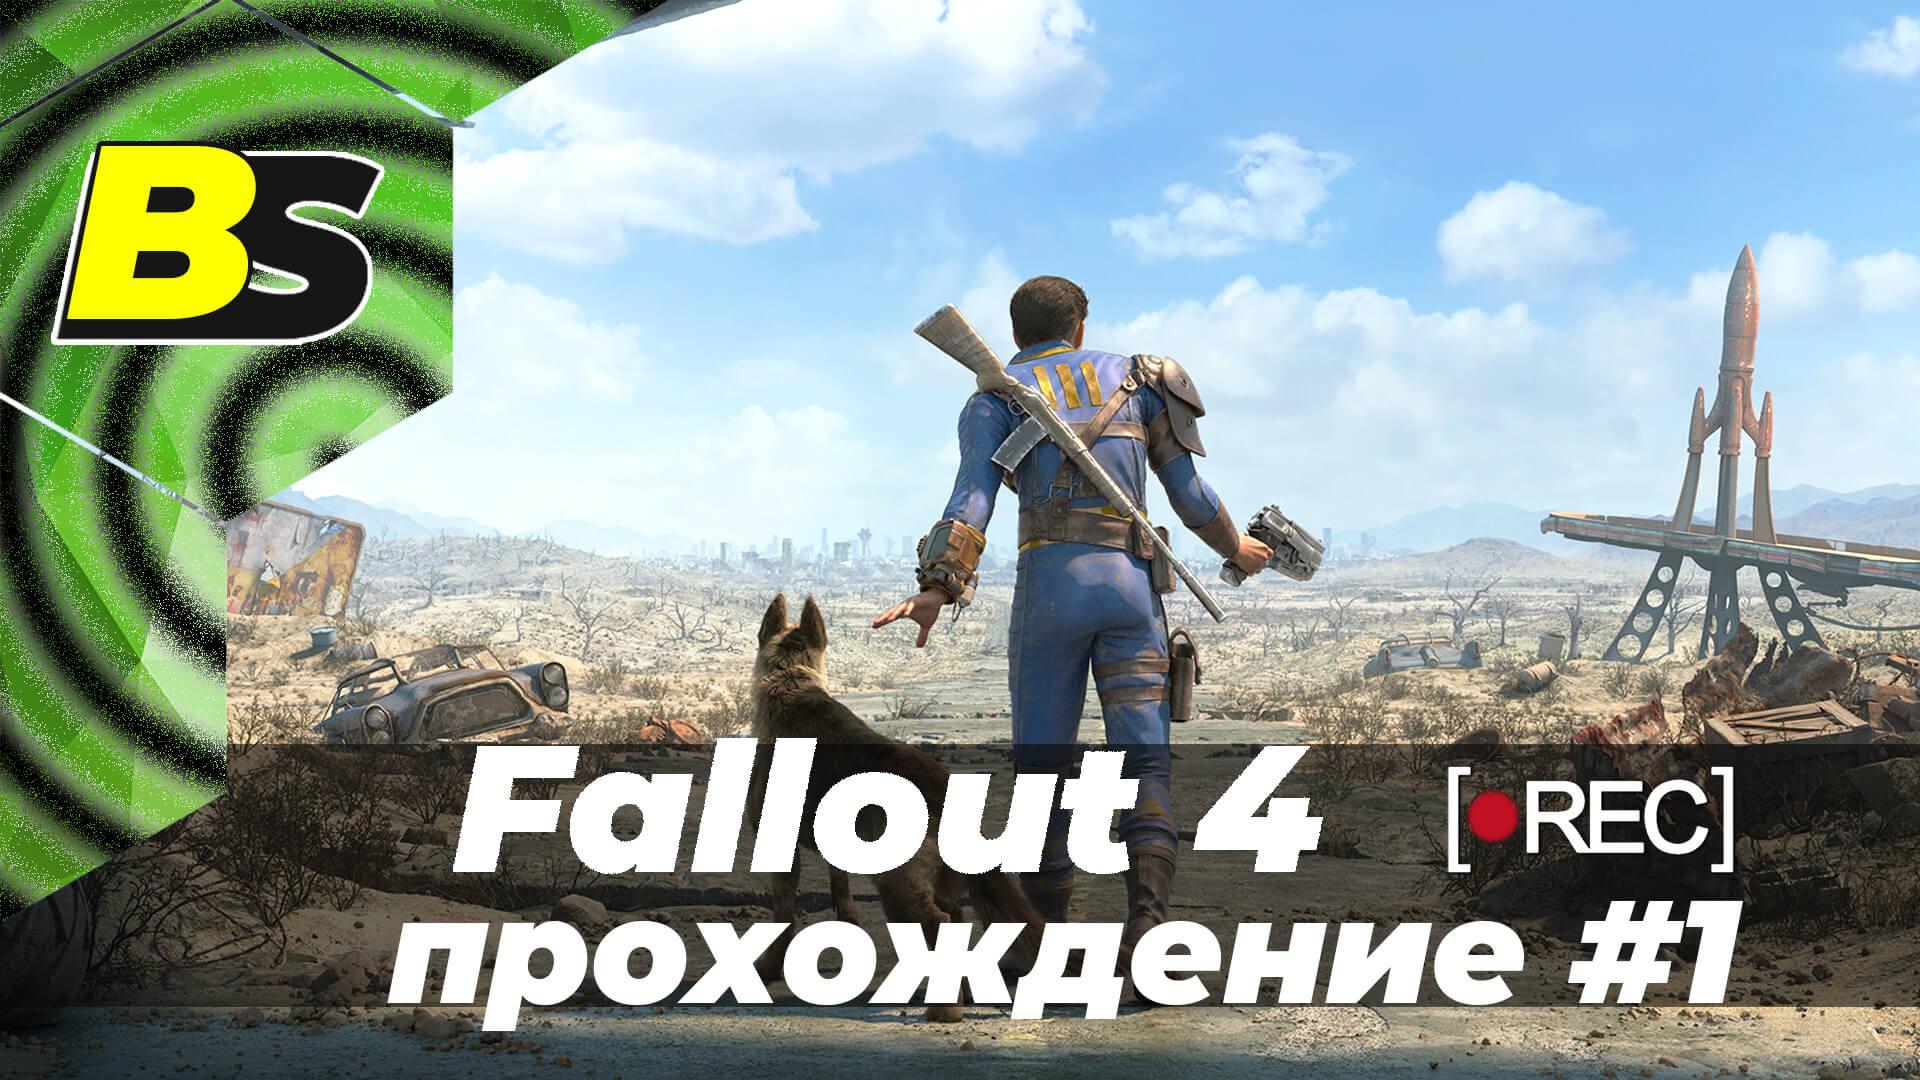 Fallout 4 Прохождение (dlc)